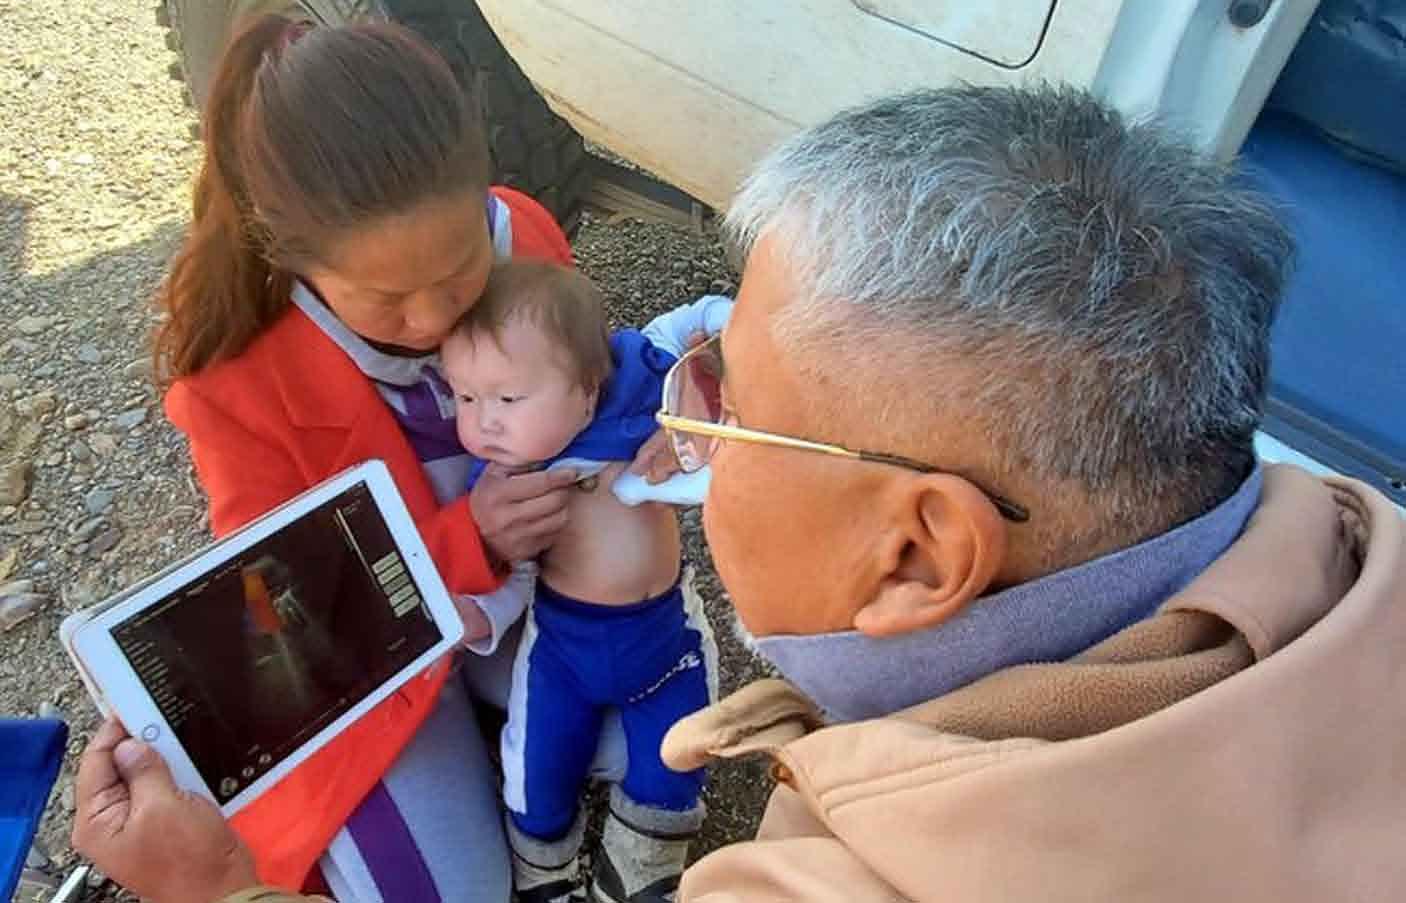 Шаргын говьд Б.Болдсайхан эмчийг хагас өдөр хүлээж есөн сартай хүүгээ оношлуулсан малчин эмэгтэйн яриаг хүргэе